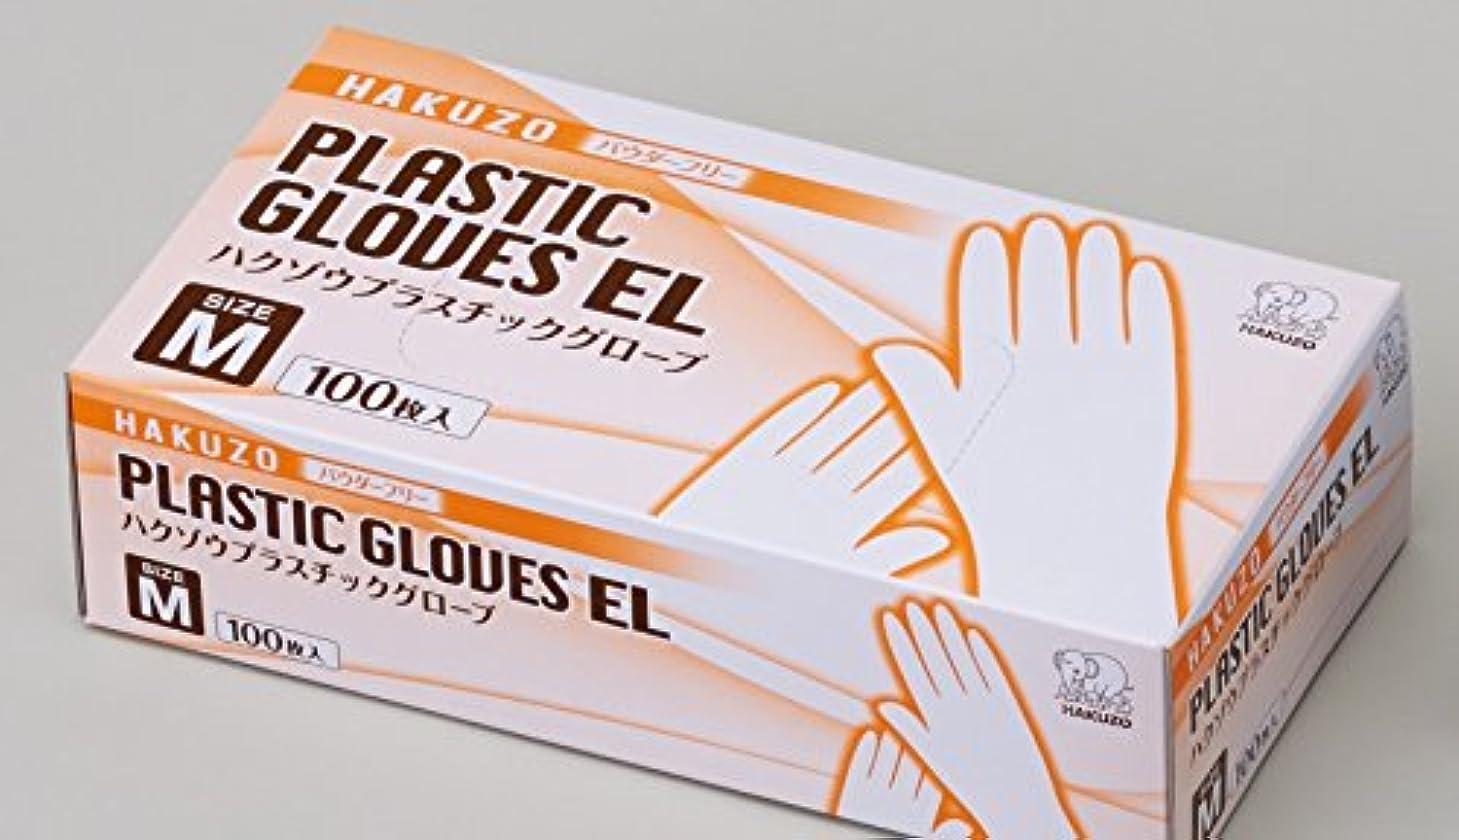 然とした半島促進するハクゾウメディカル ハクゾウプラスチックグローブELパウダーフリーM 3024102